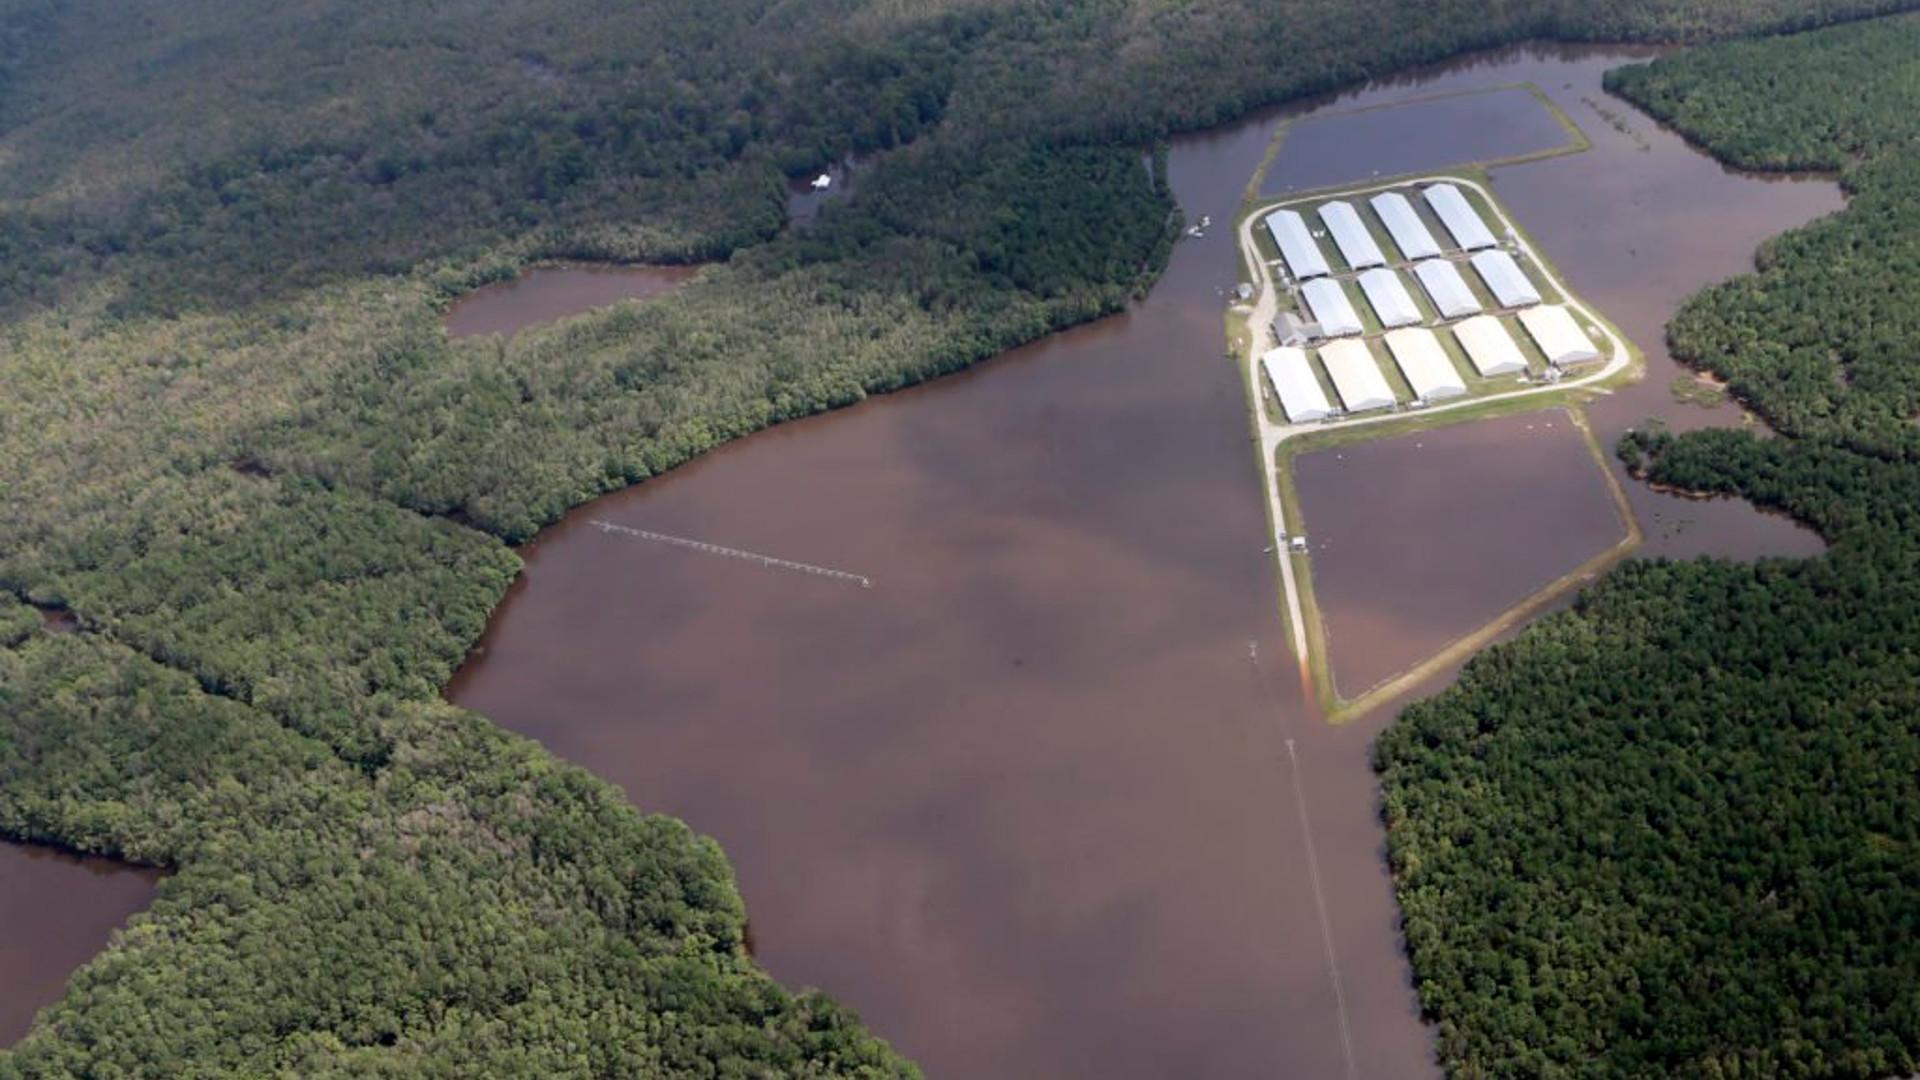 CAFO manure lagoon